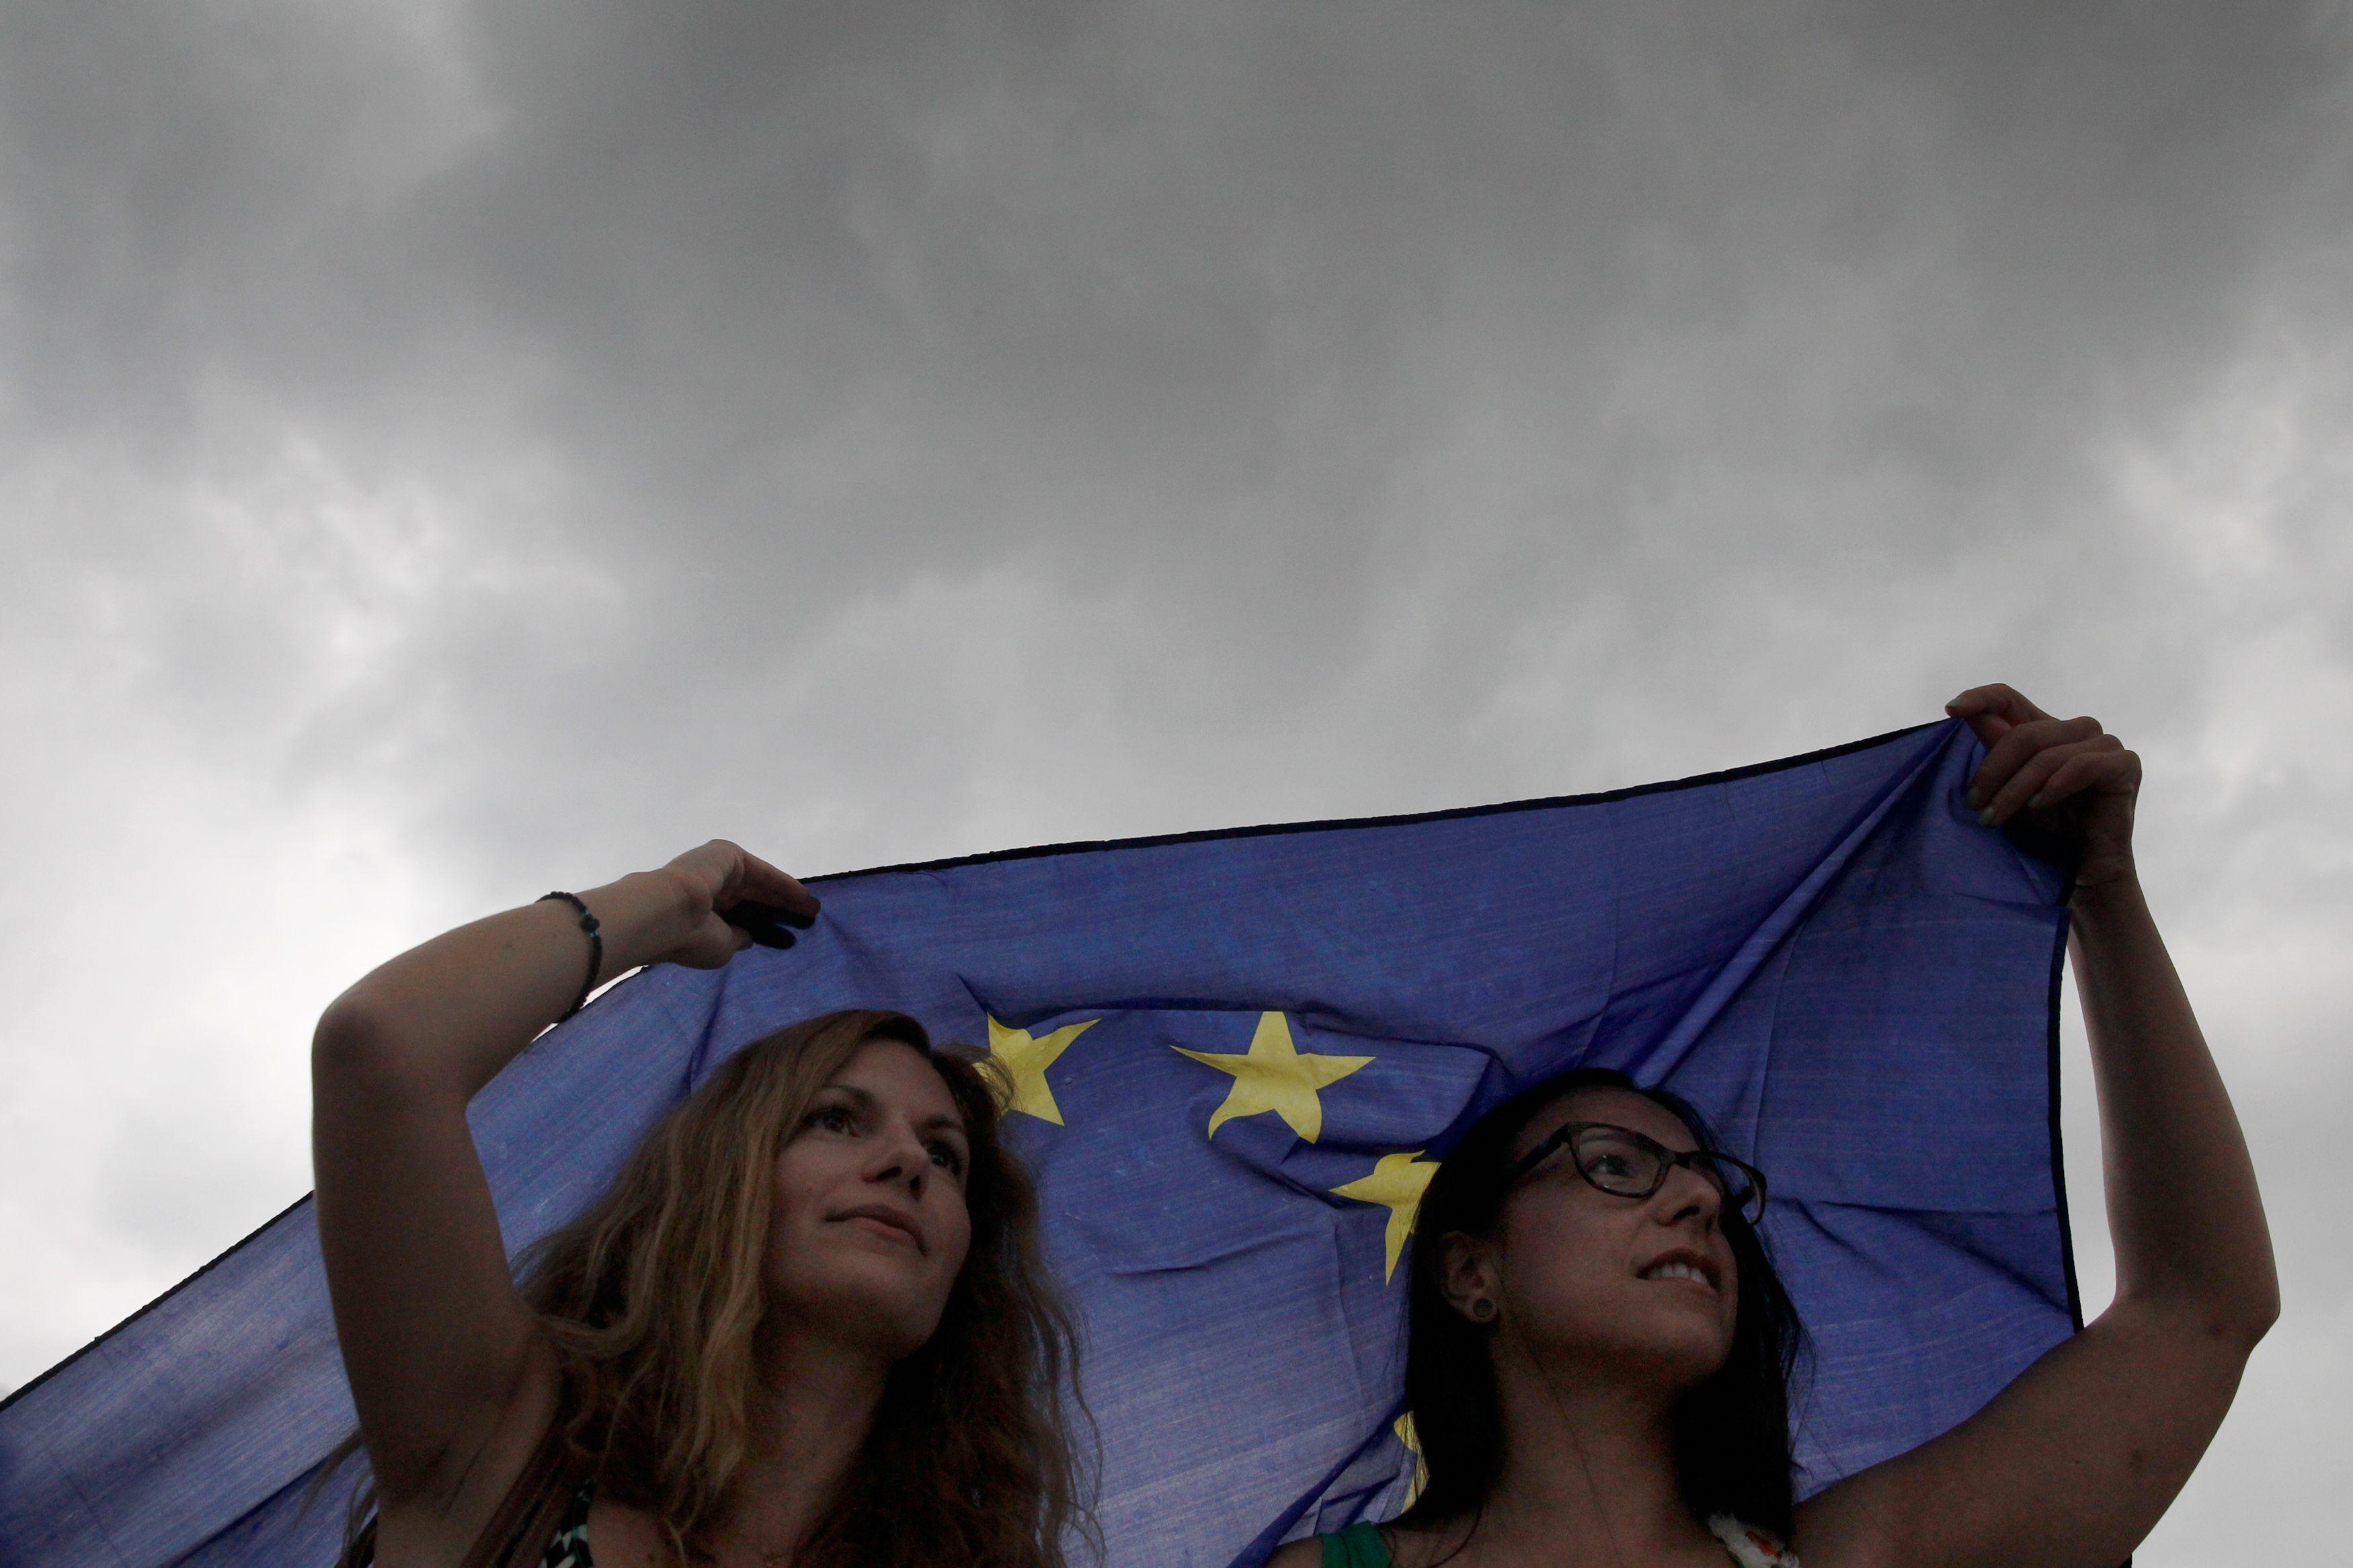 La révolte de l'Europe centrale contre la ligne Merkel couve à l'approche du prochain Conseil européen